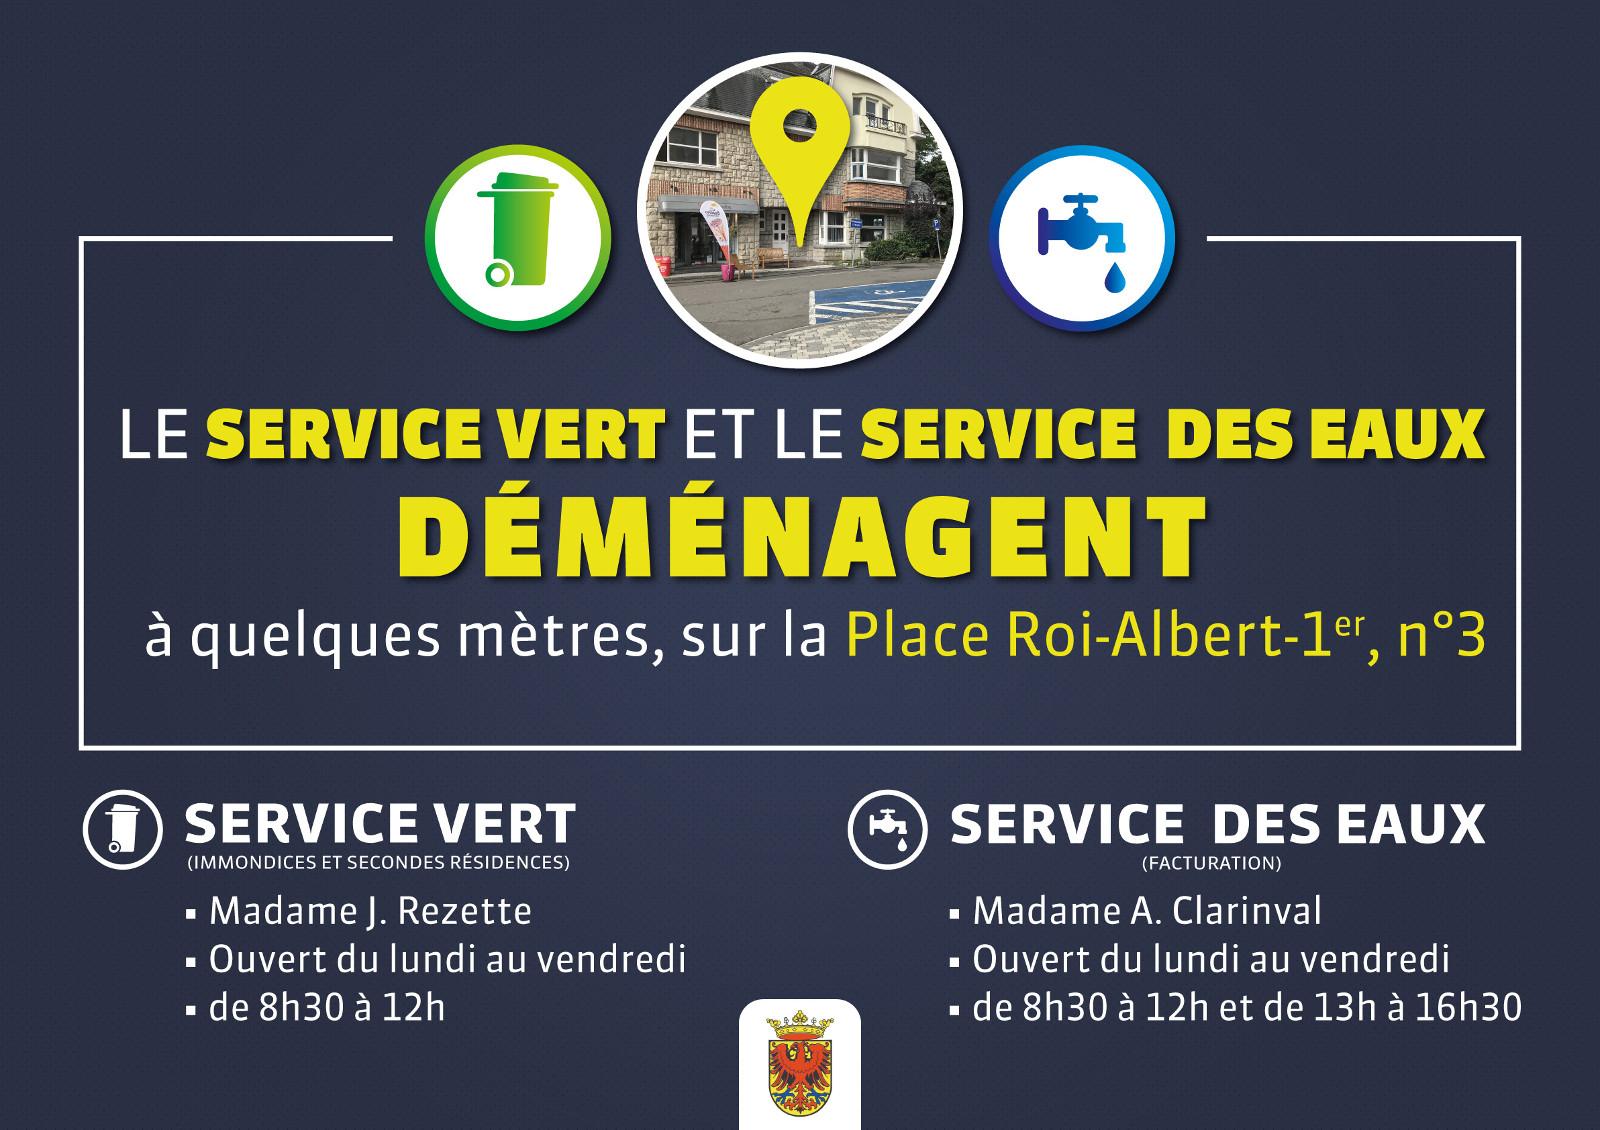 Le Service Vert et le Service des Eaux déménagent sur la Place Roi Albert Ier, n°3